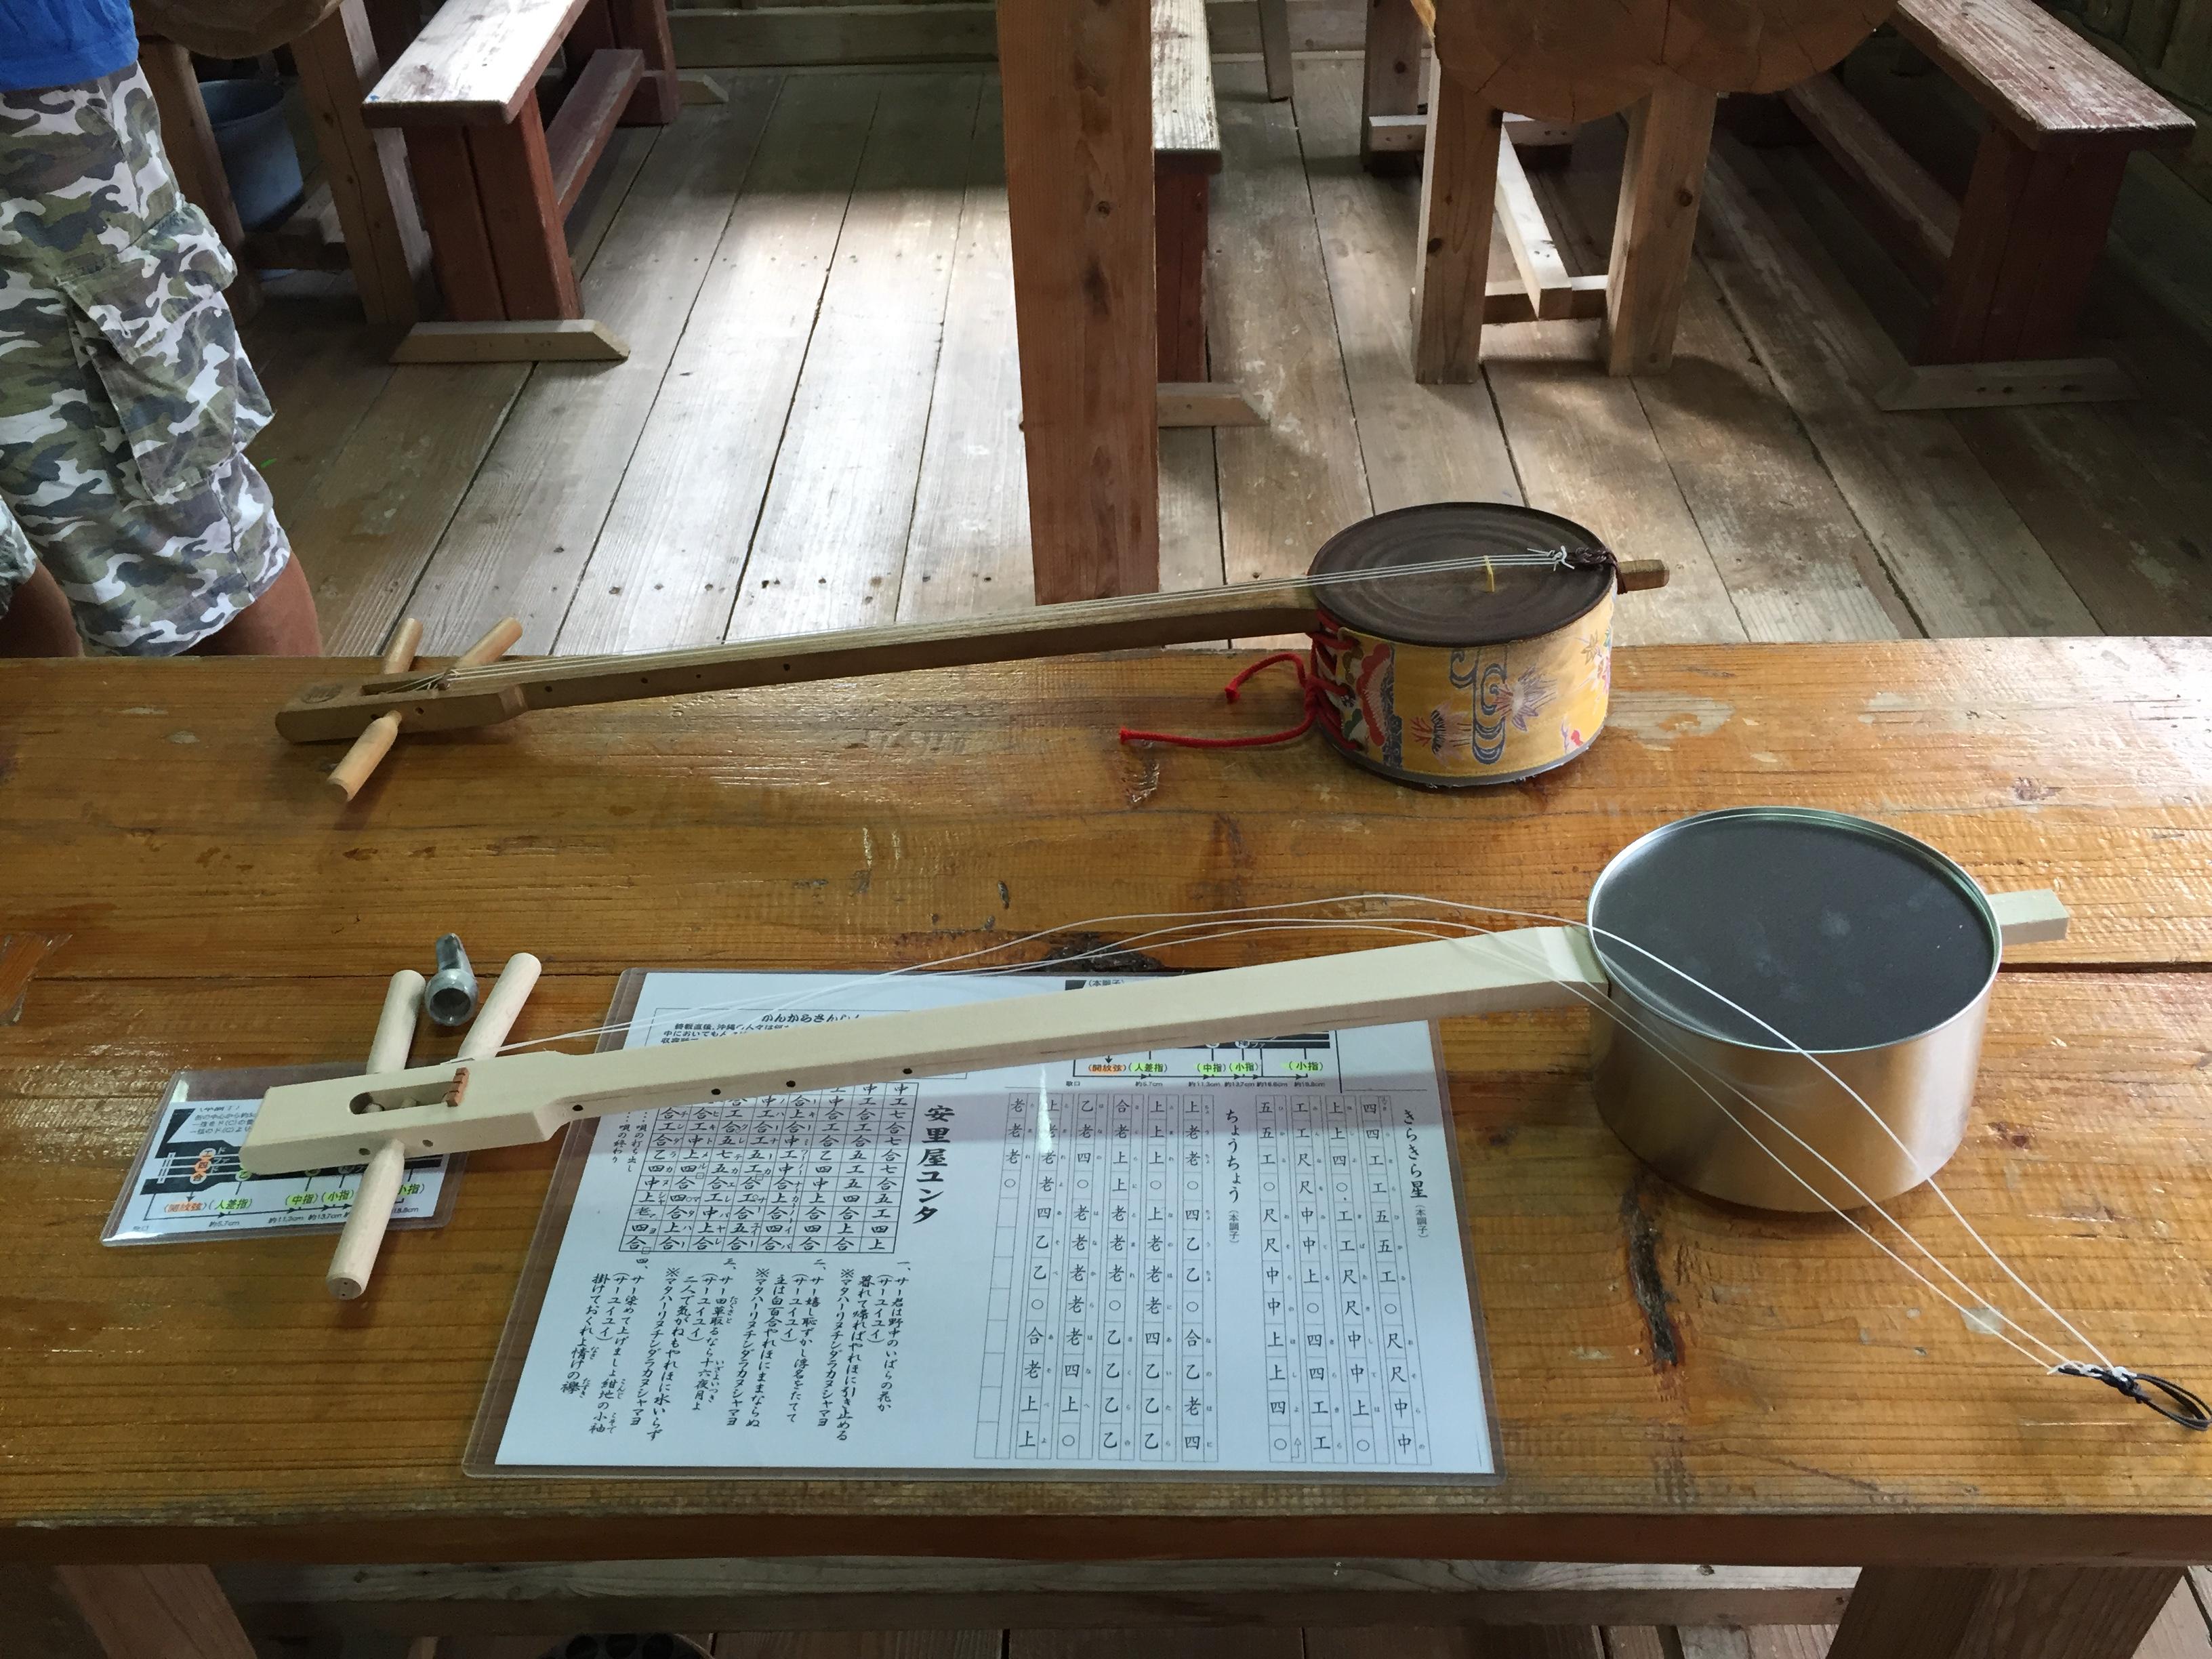 簡単に作れるように、缶で出来た胴と木製の棹が既に組み合わされていました。